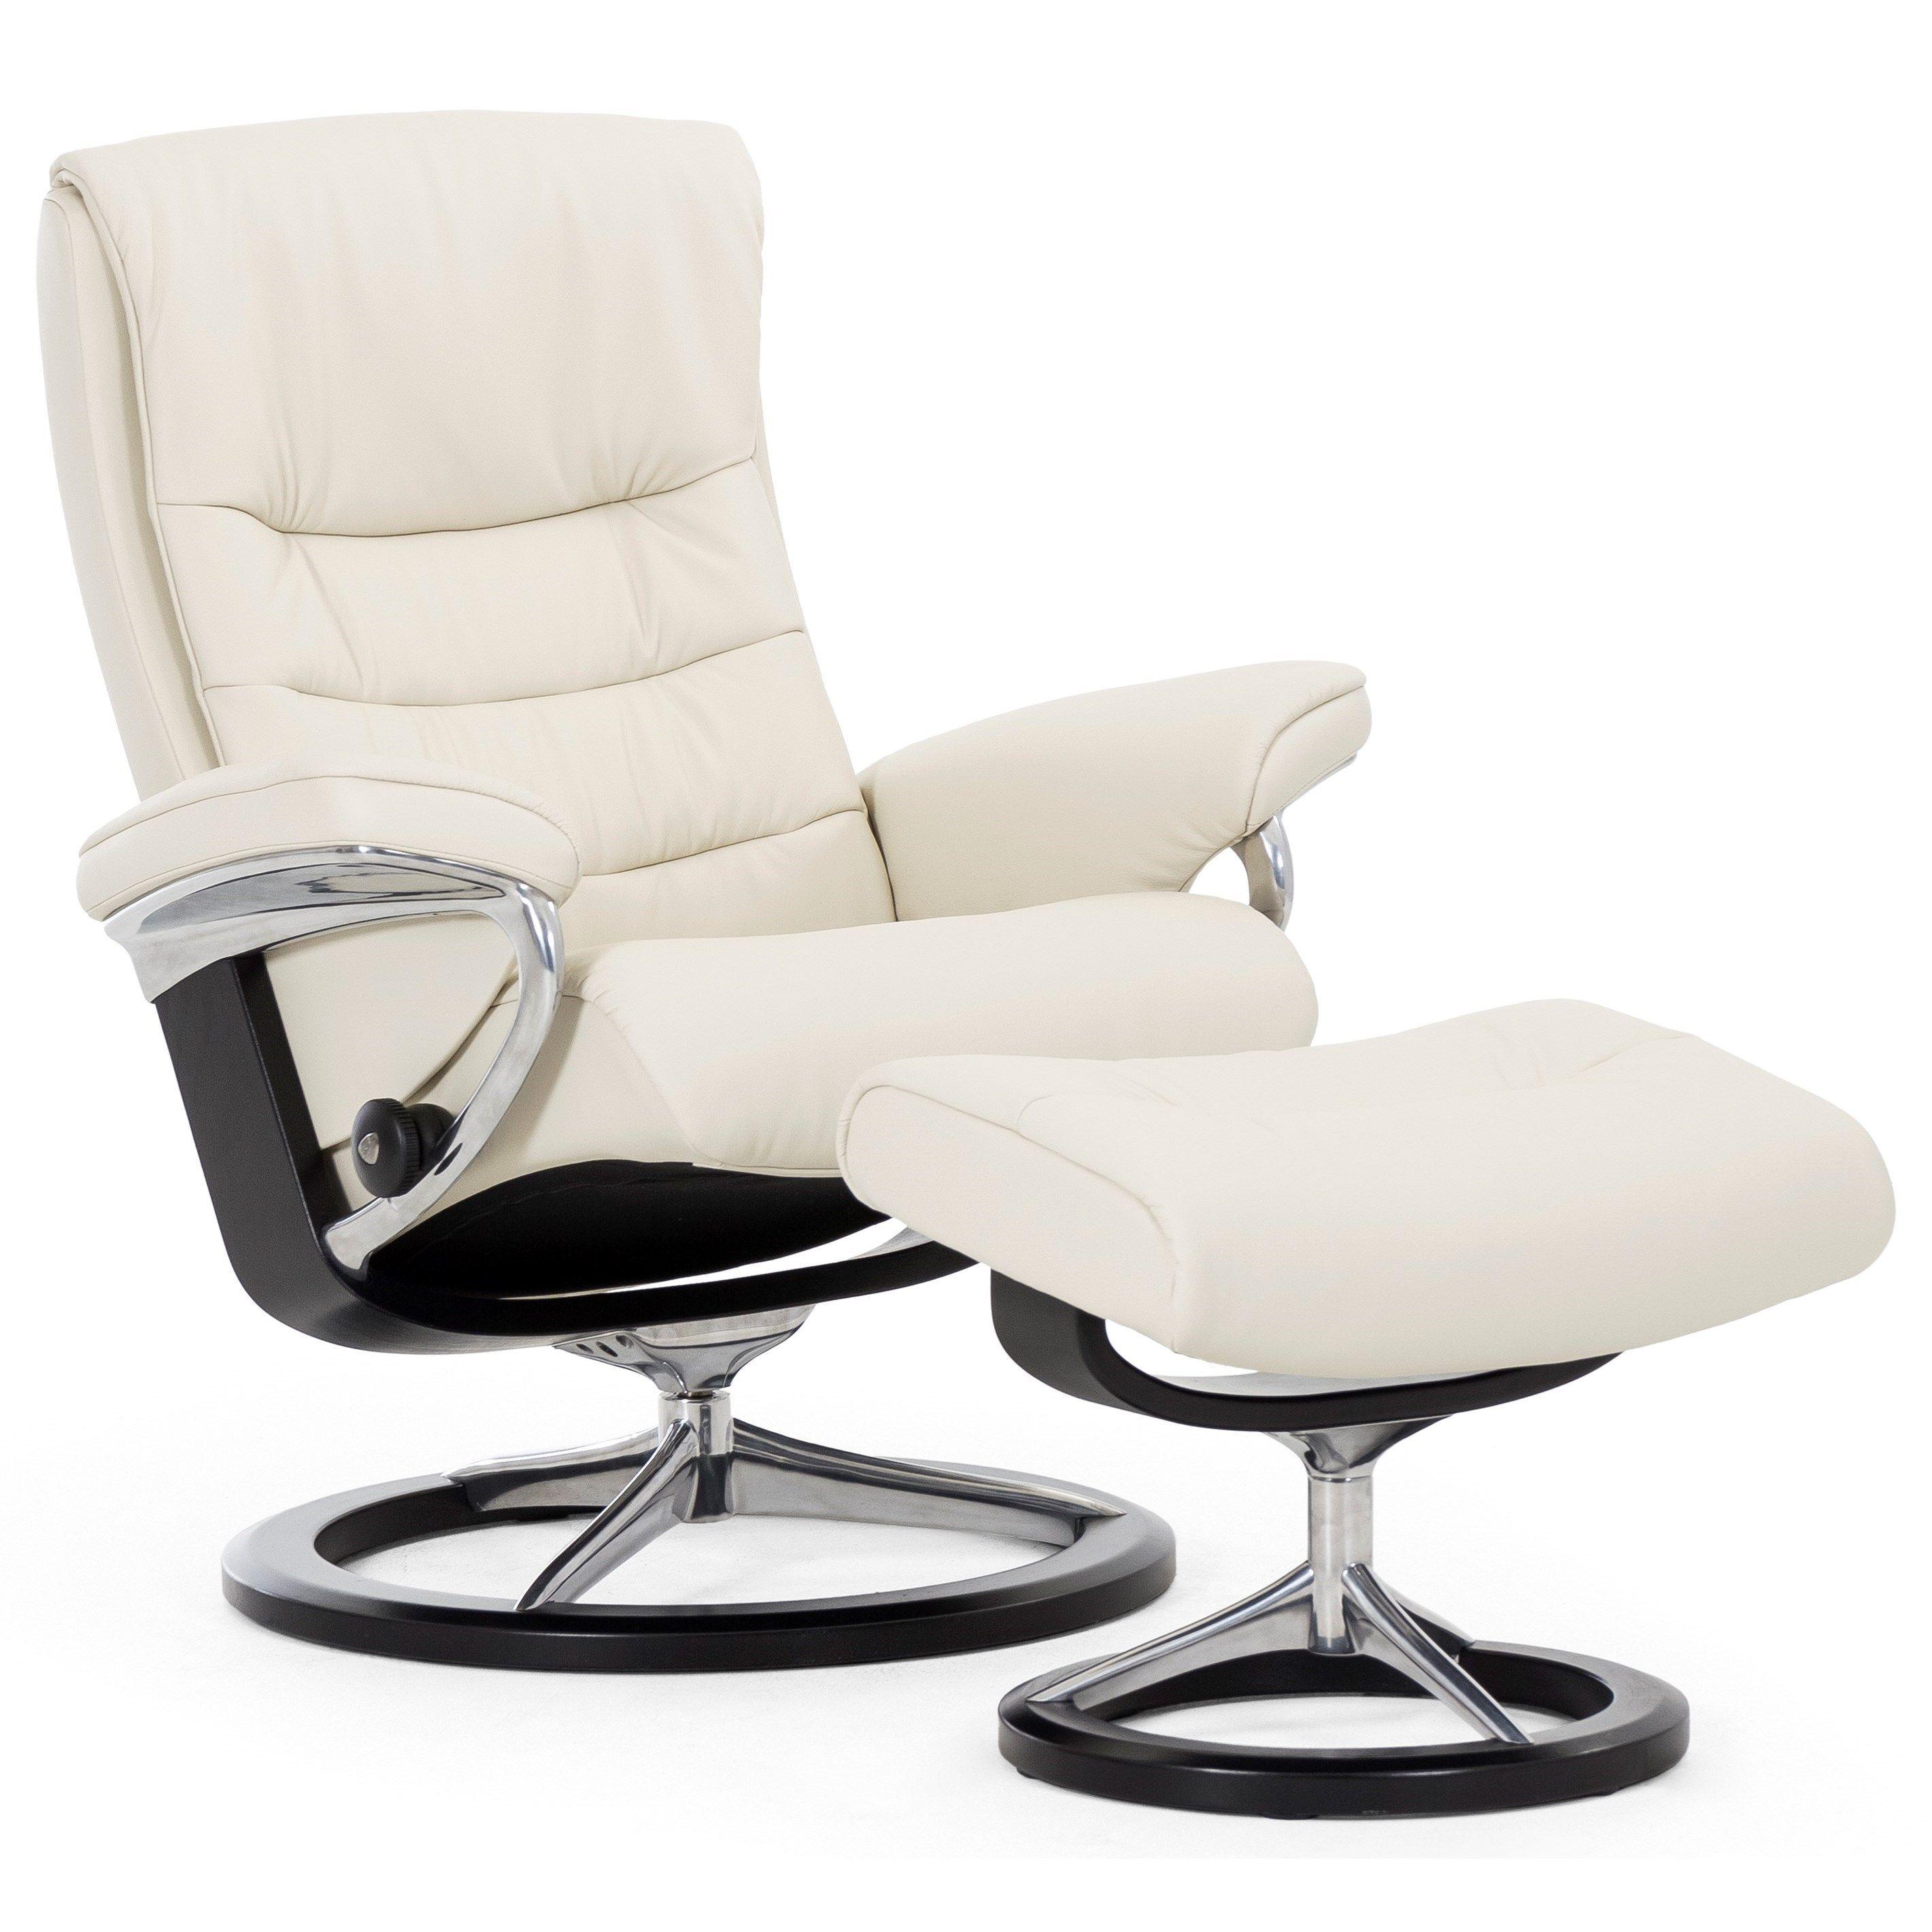 Stressless Sofas Sofa Reviews Uk Furnitures Unique E200 Fresh Of